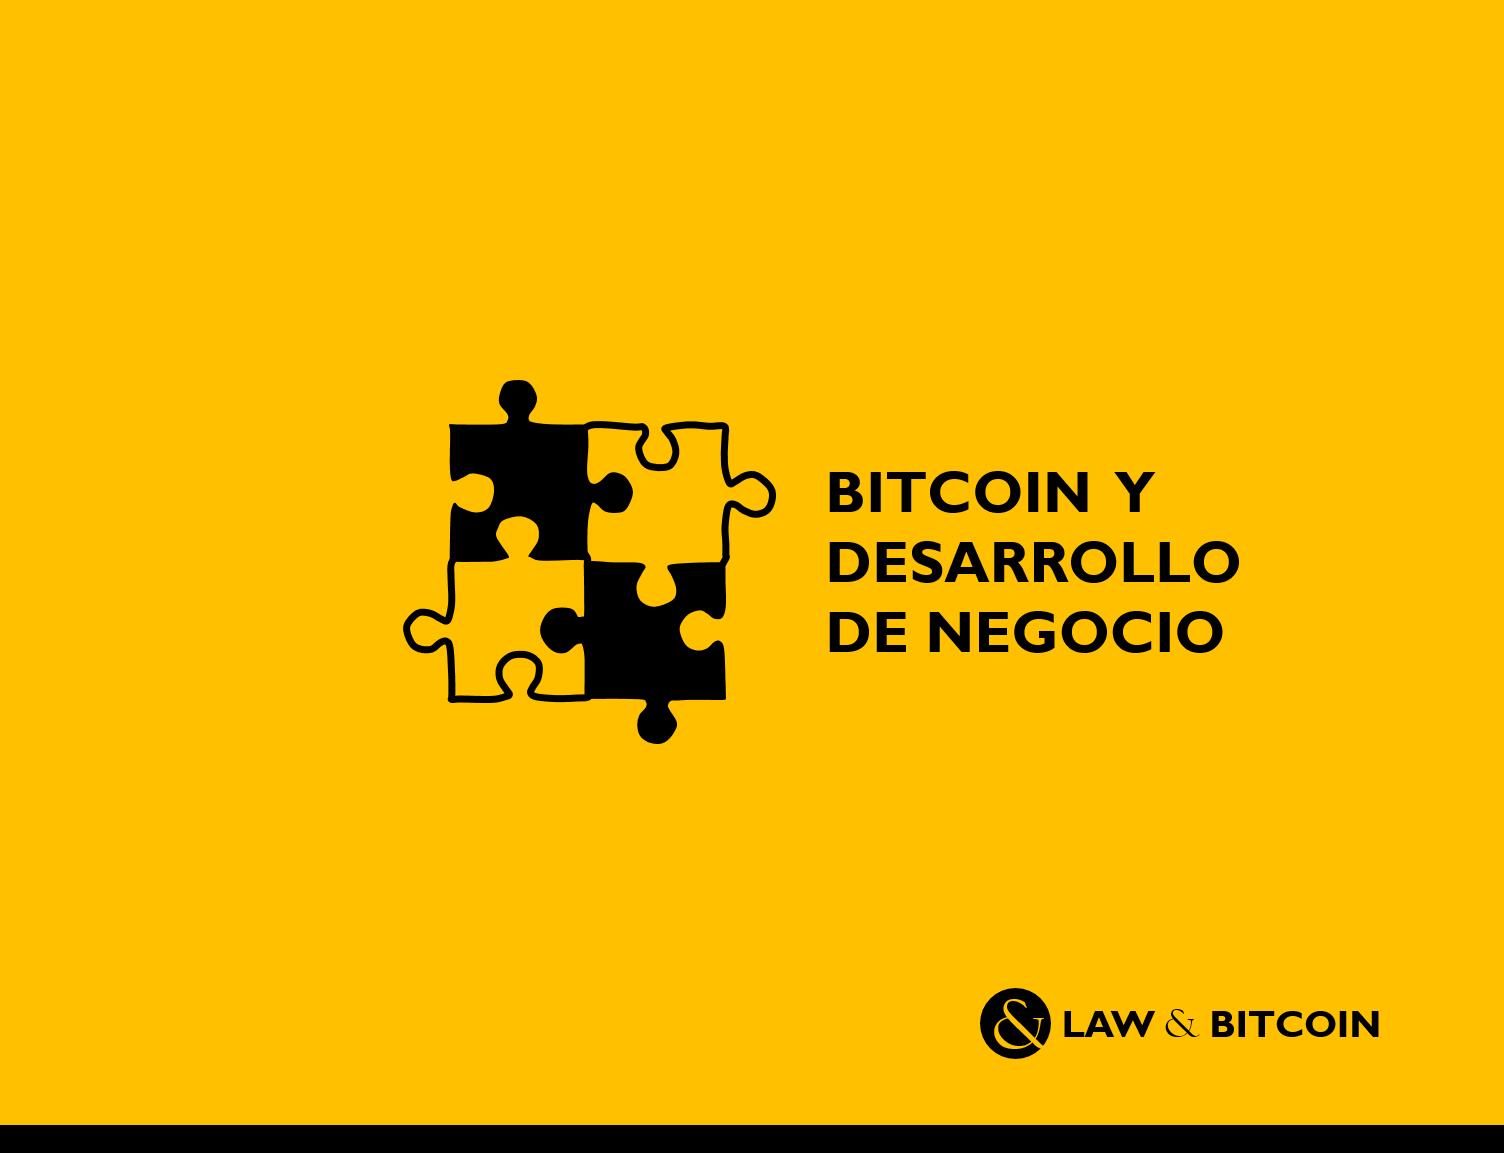 KPMG y Bitcoin